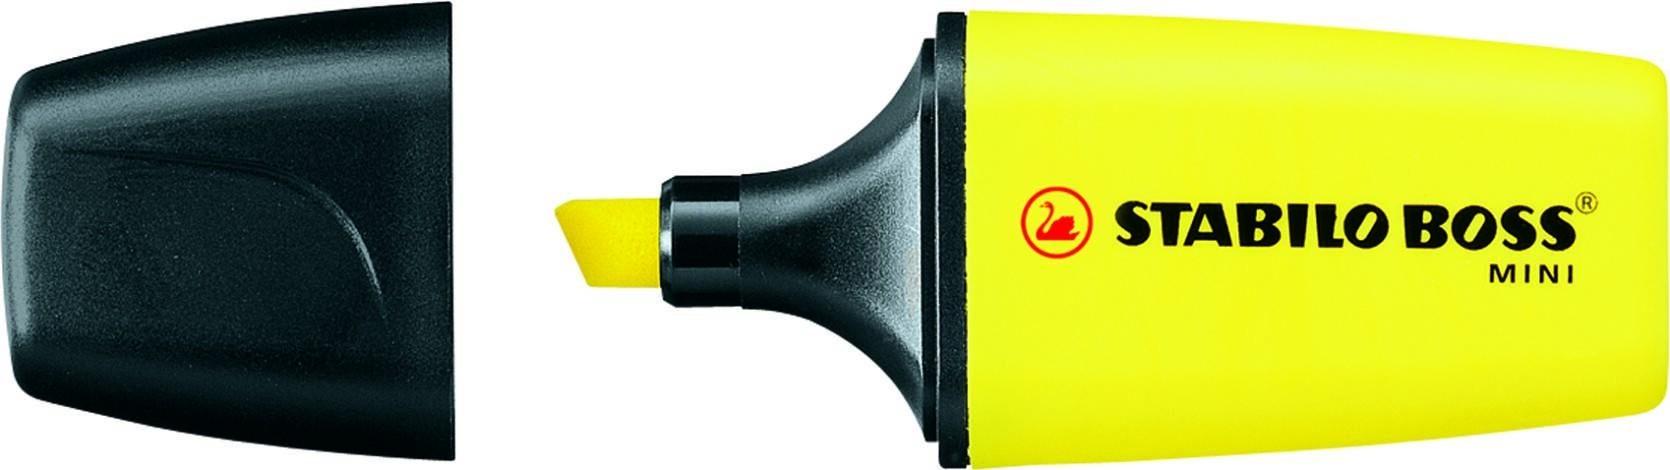 STABILO BOSS MINI - Surligneur - jaune